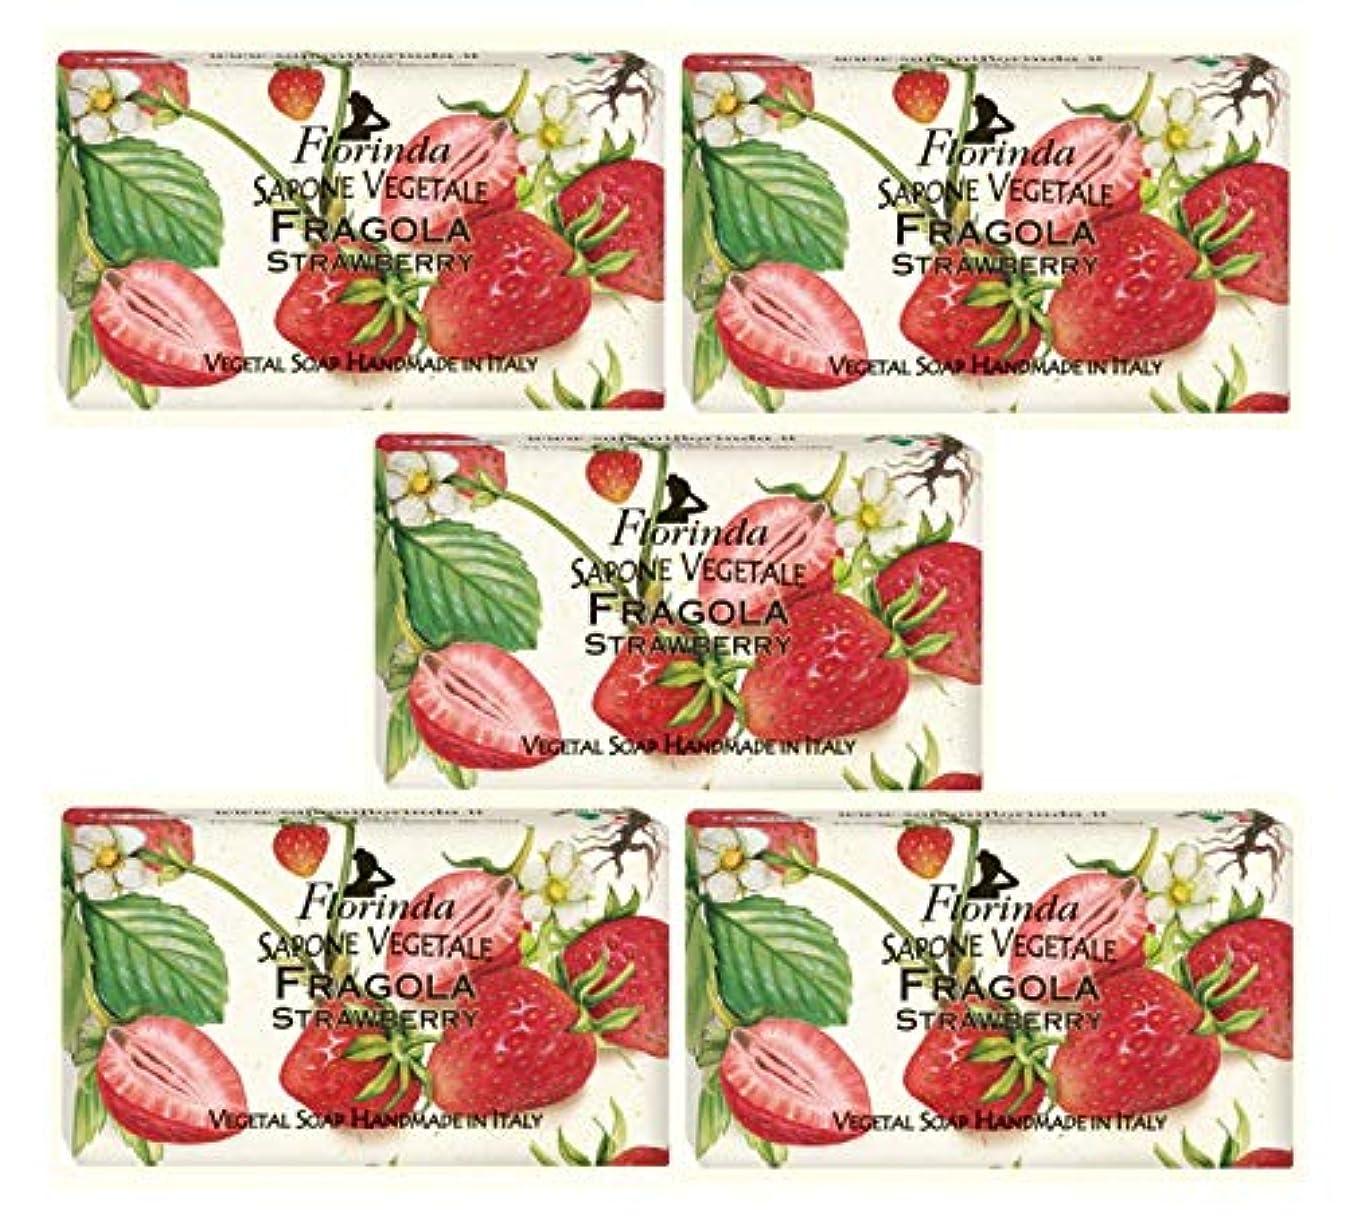 凝視抵当可能フロリンダ フレグランスソープ 固形石けん フルーツの香り ストロベリー 95g×5個セット